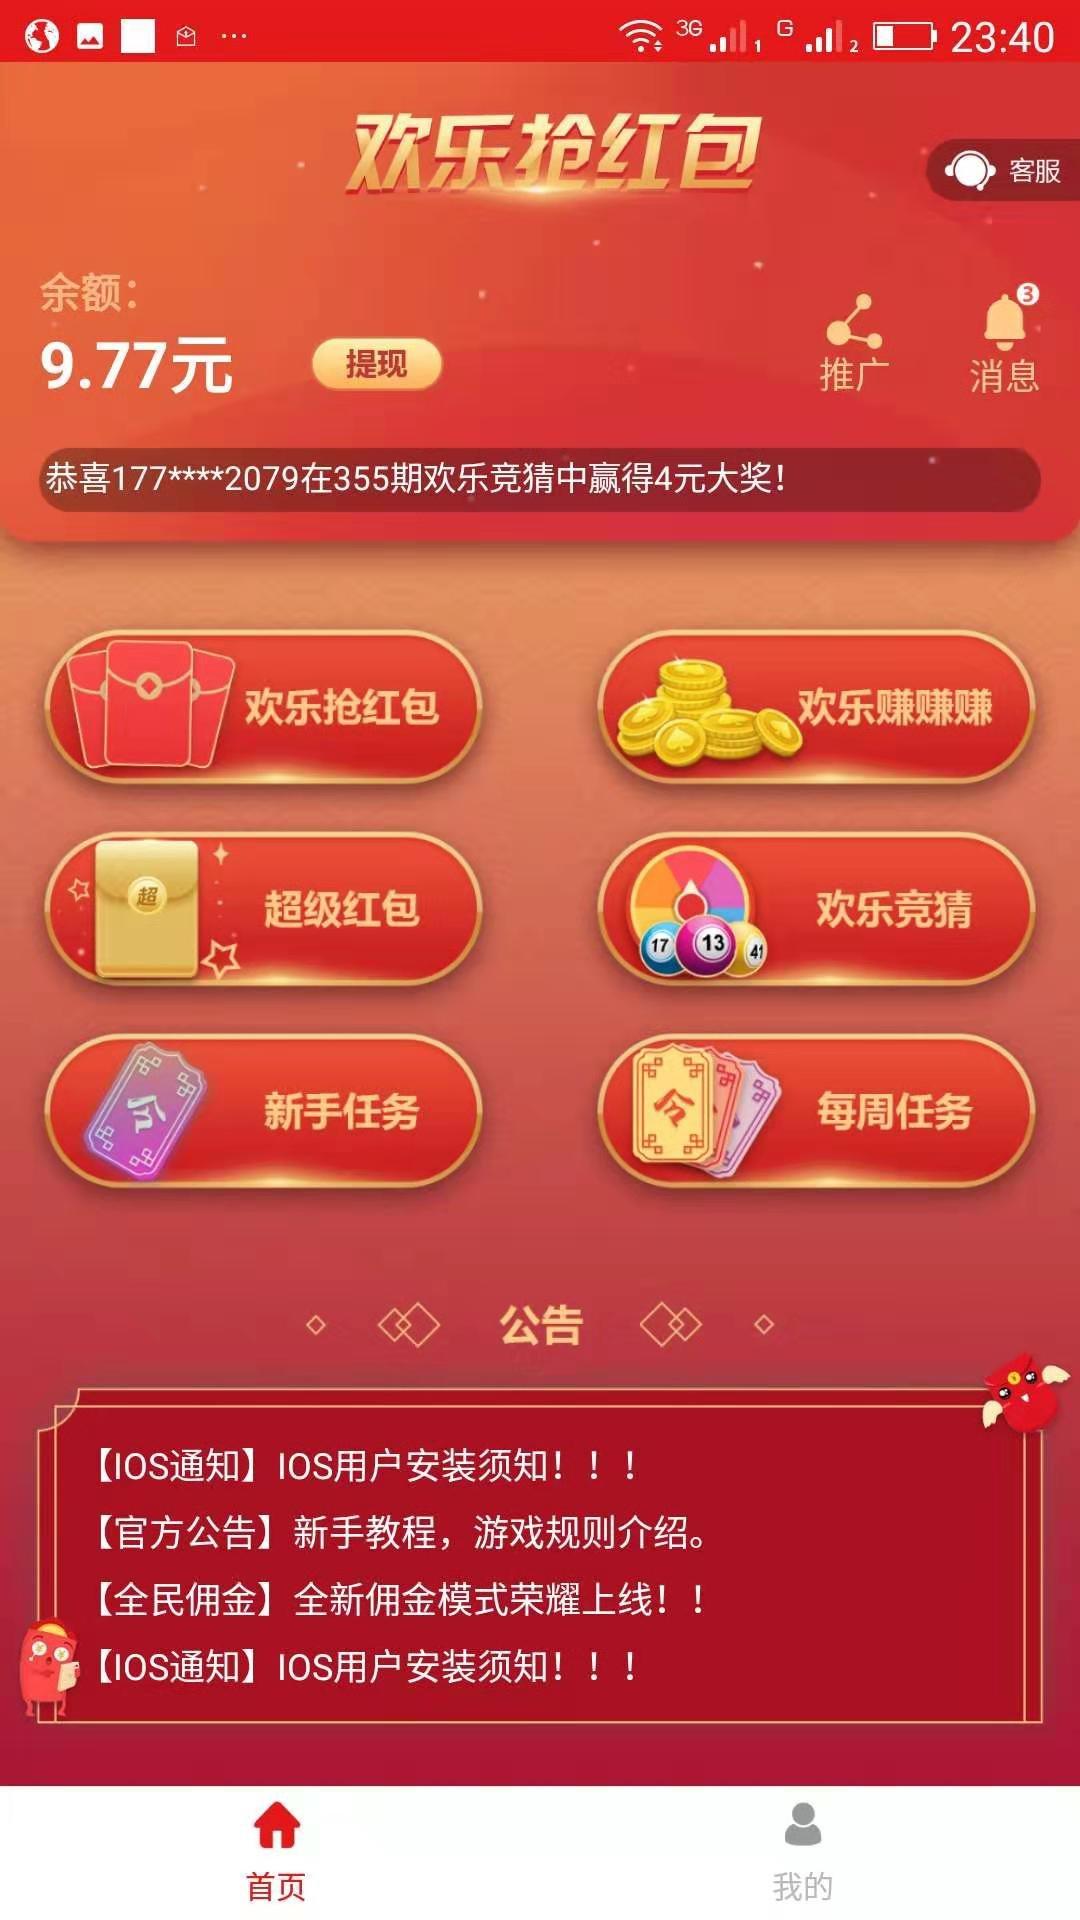 图片[1]-【大毛】:欢乐抢红包出新玩法,新老用户速度领钱,秒到微信!-躺赚乐